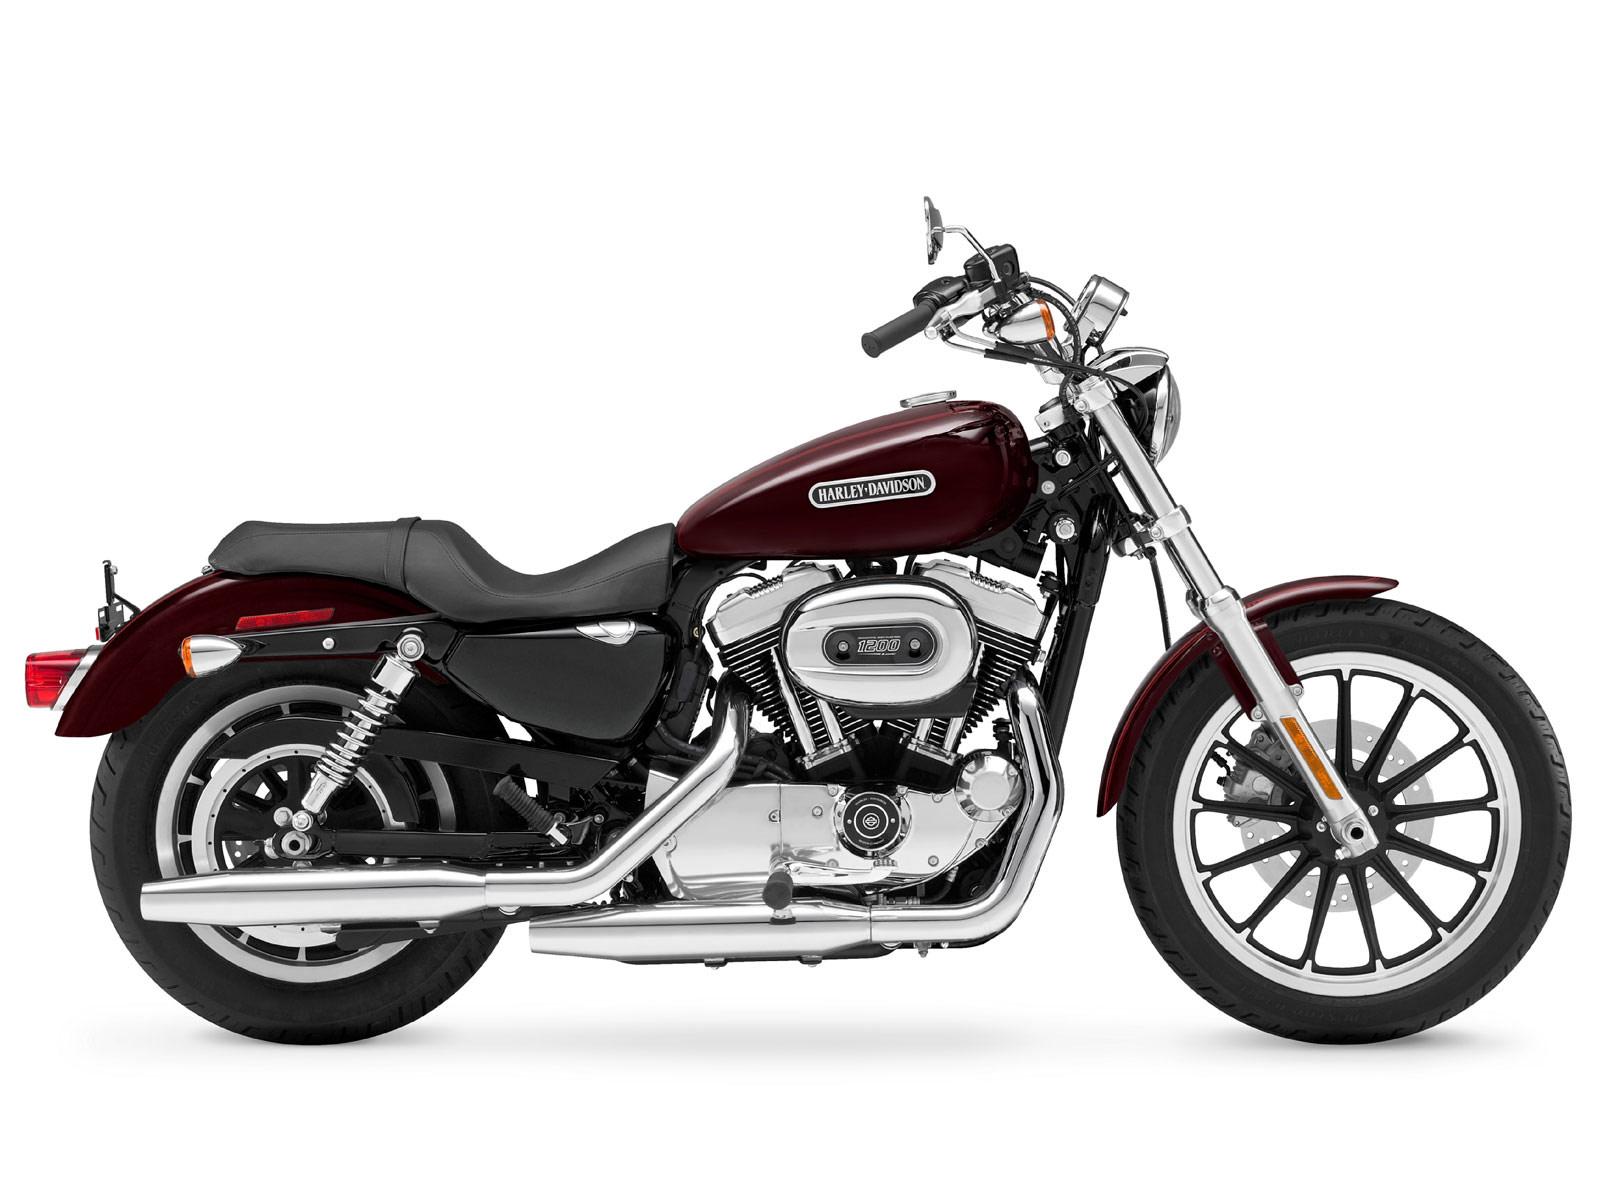 http://4.bp.blogspot.com/_7OBlGXSTB6s/TJQSjFPt0MI/AAAAAAAAB4M/Sya7VLfLves/s1600/Harley-Davidson_XL_1200L_Sportster_1200_Low_2011_1.jpg